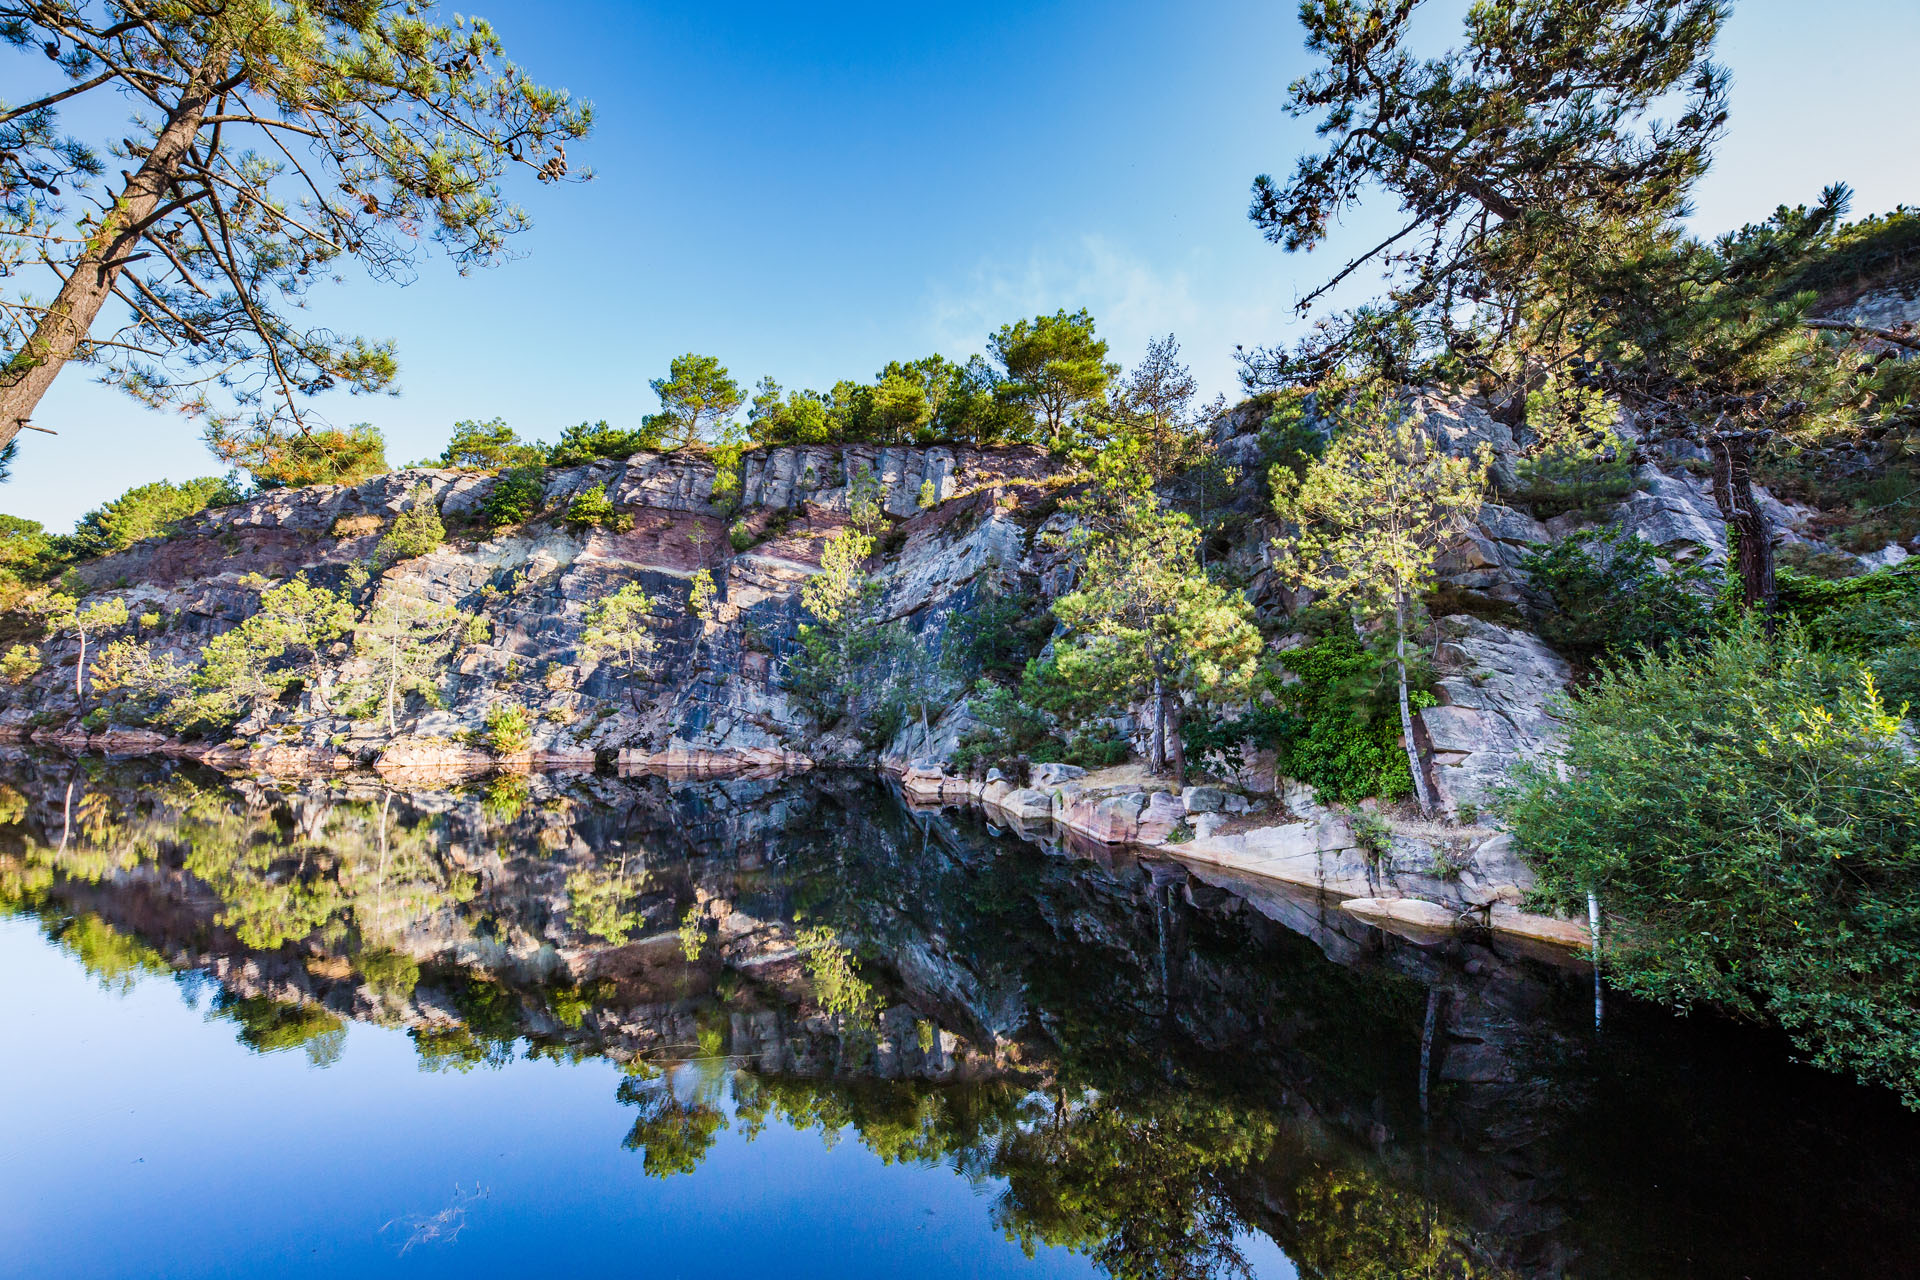 Lacs bleu, Erquy, Côtes d'Armor